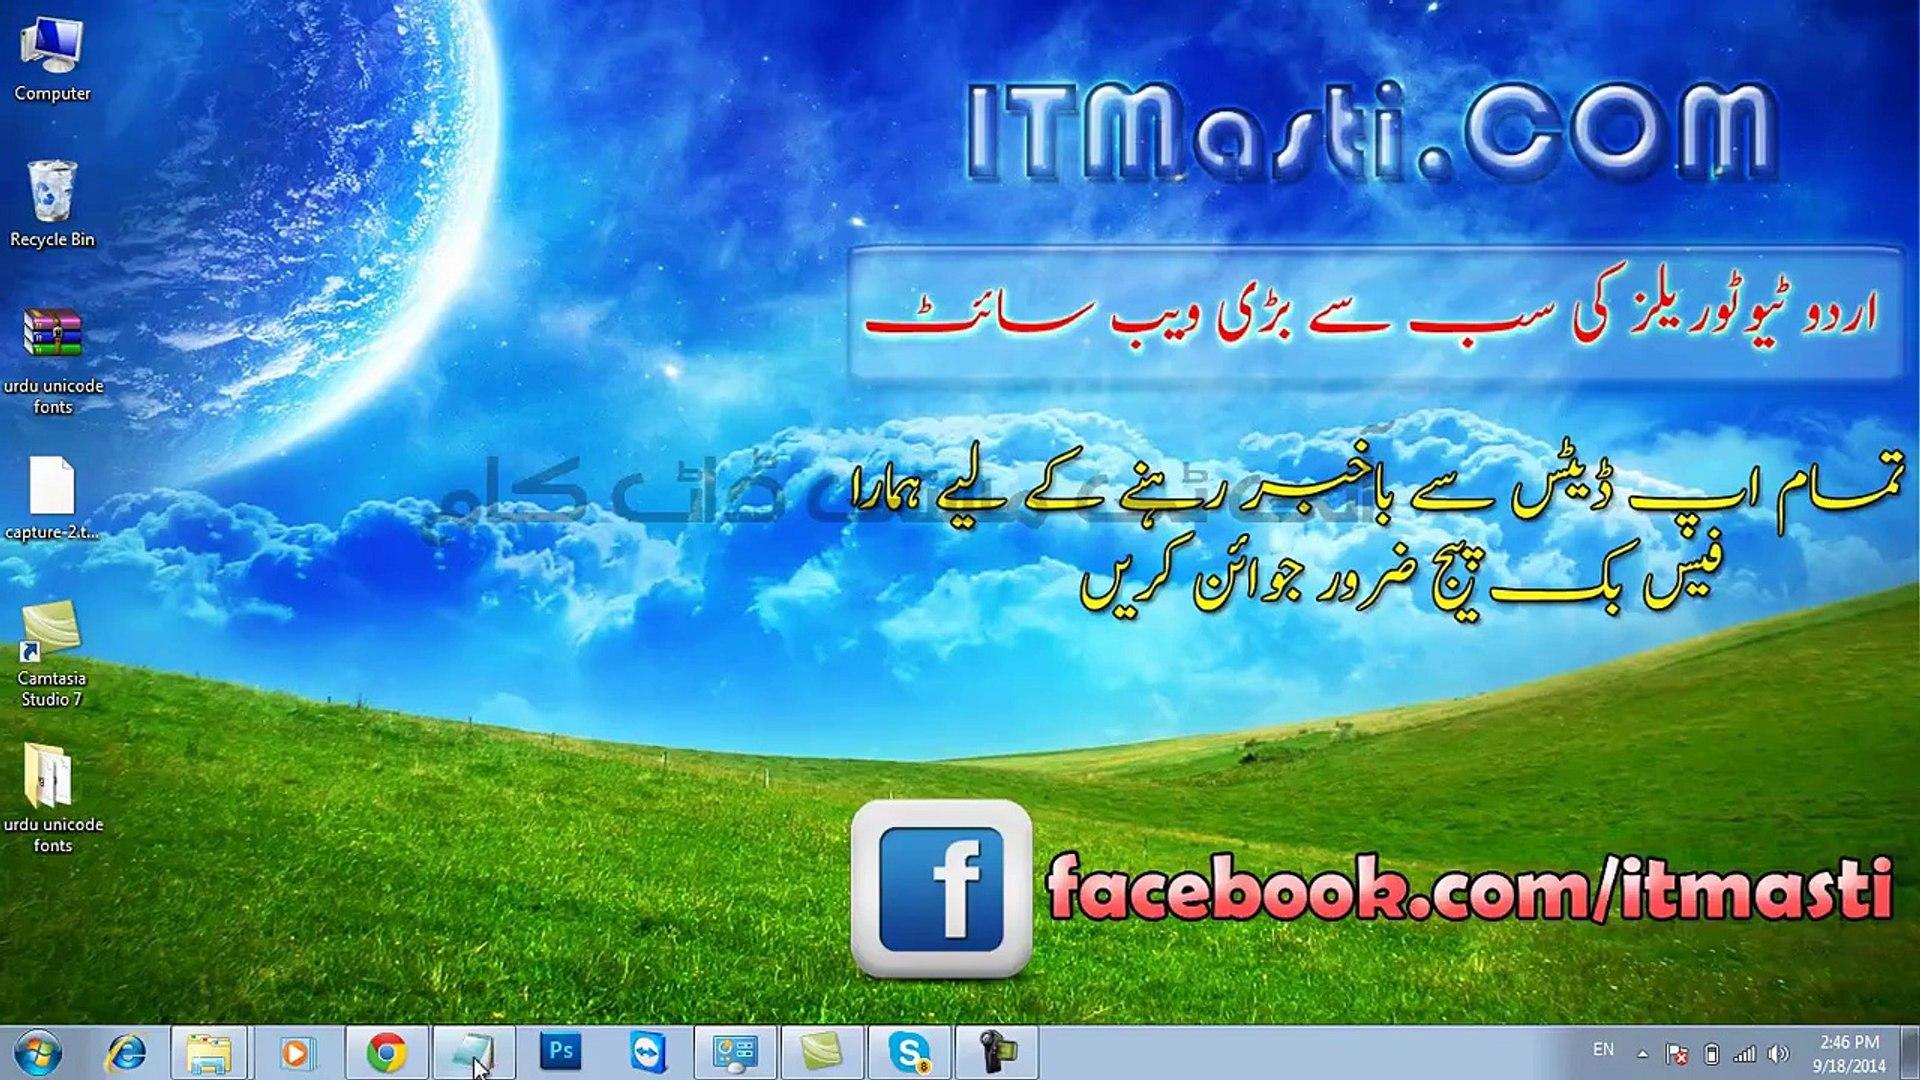 Amazing 600 Urdu Fonts Collection - Best ITDunya - Free Computer Video  Tutorials In Urdu